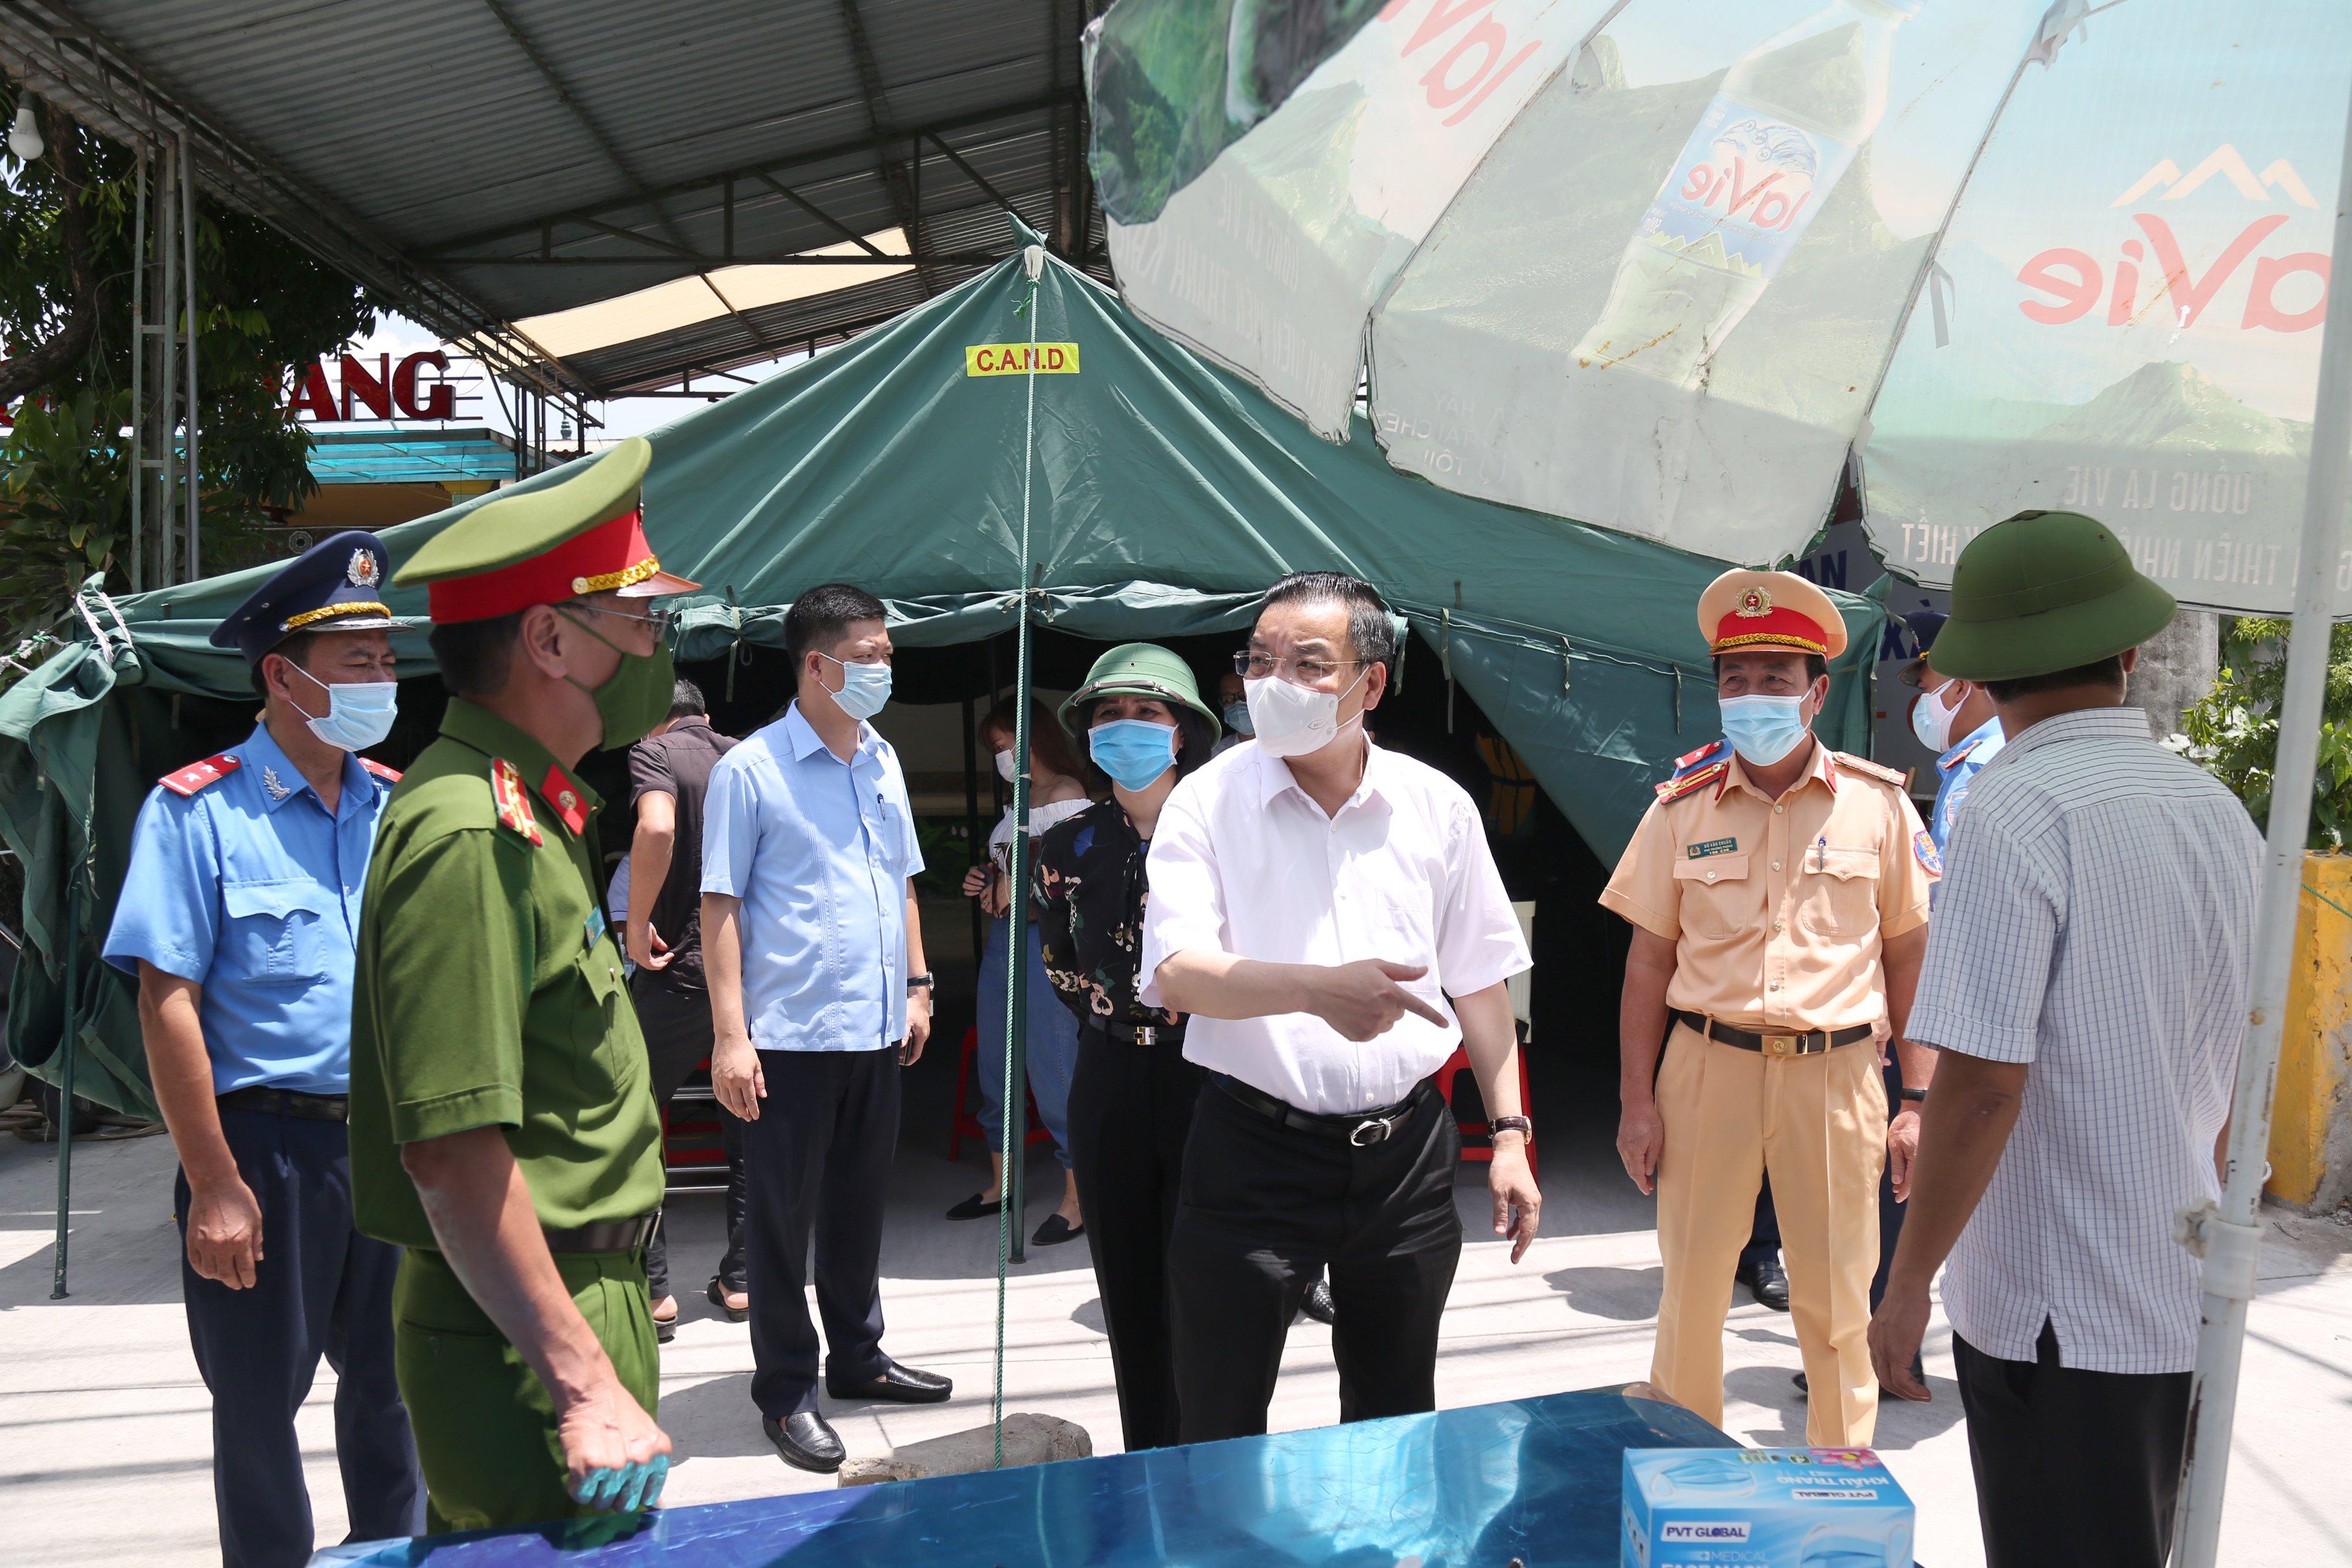 Chủ tịch UBND Chu Ngọc Anh đi kiểm tra trực tiếp tại cảng sân bay quốc tế Nội Bài ngày 15/7/2021.